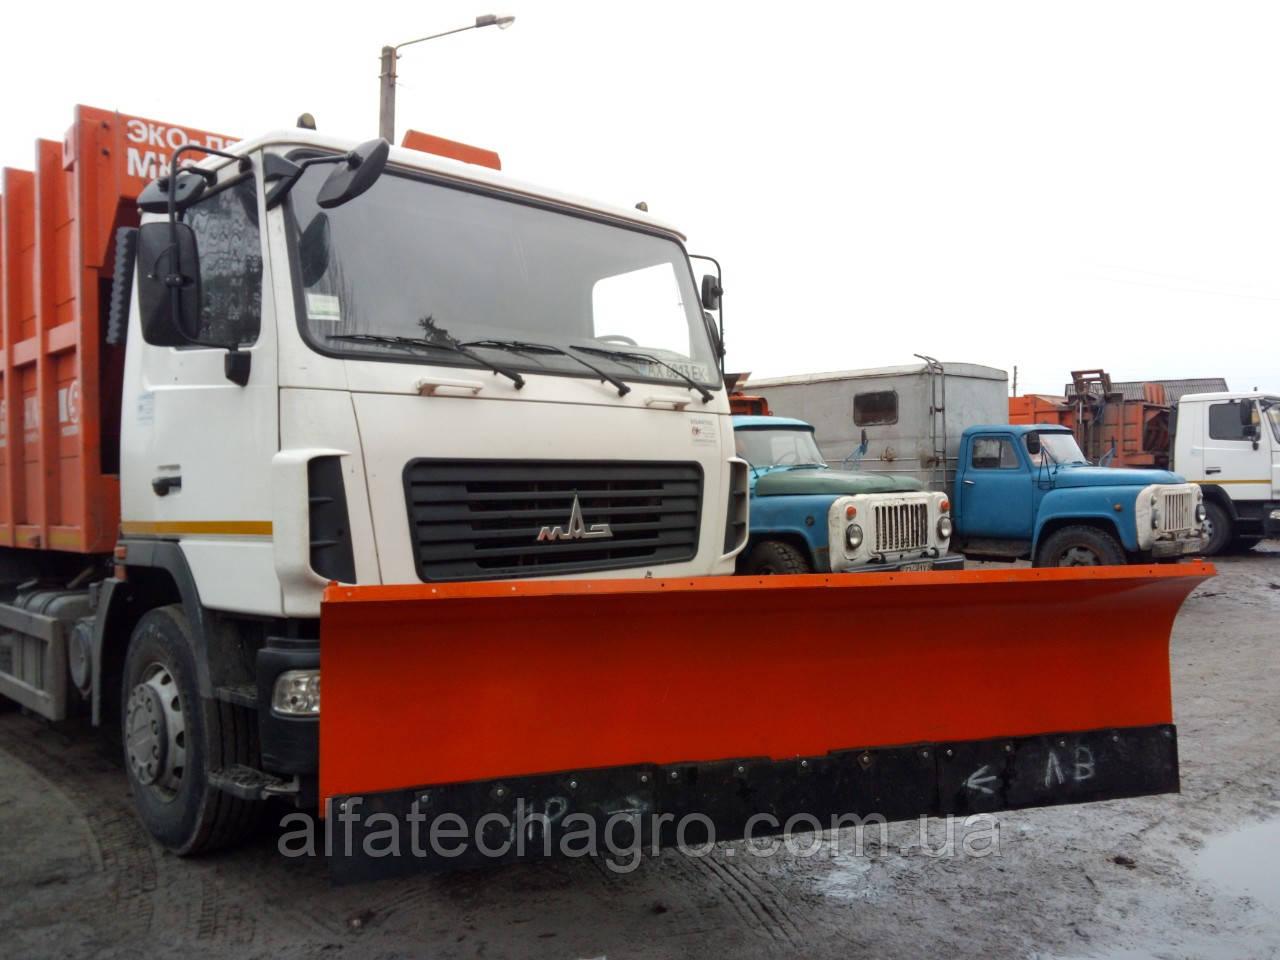 Отвалы к грузовым автомобилям